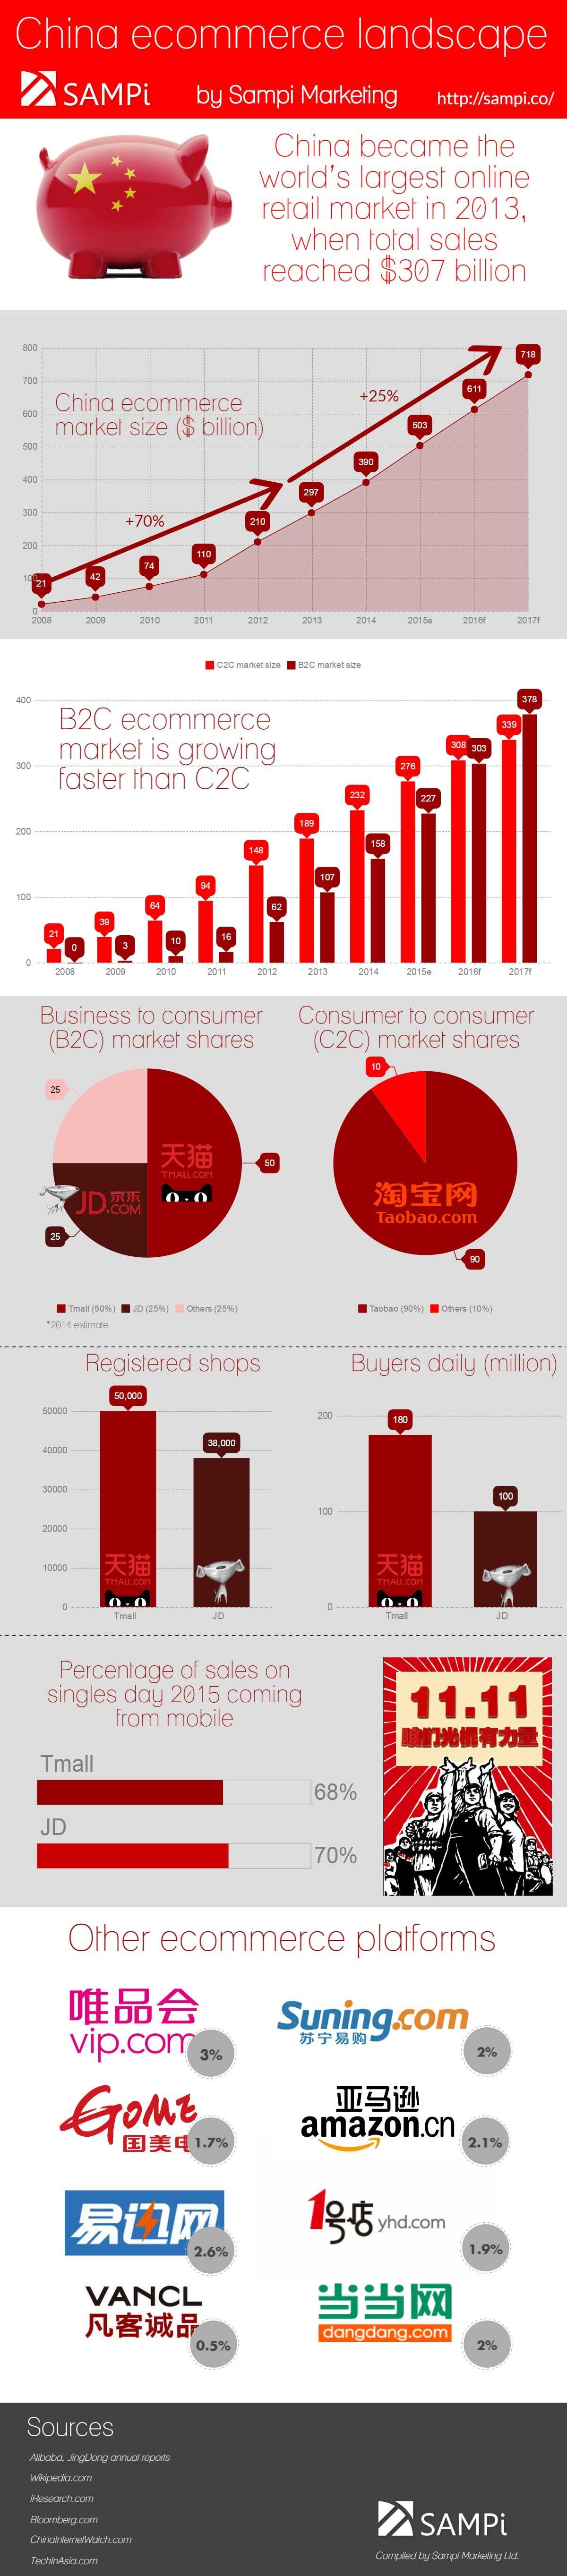 Infographic: China Ecommerce Landscape